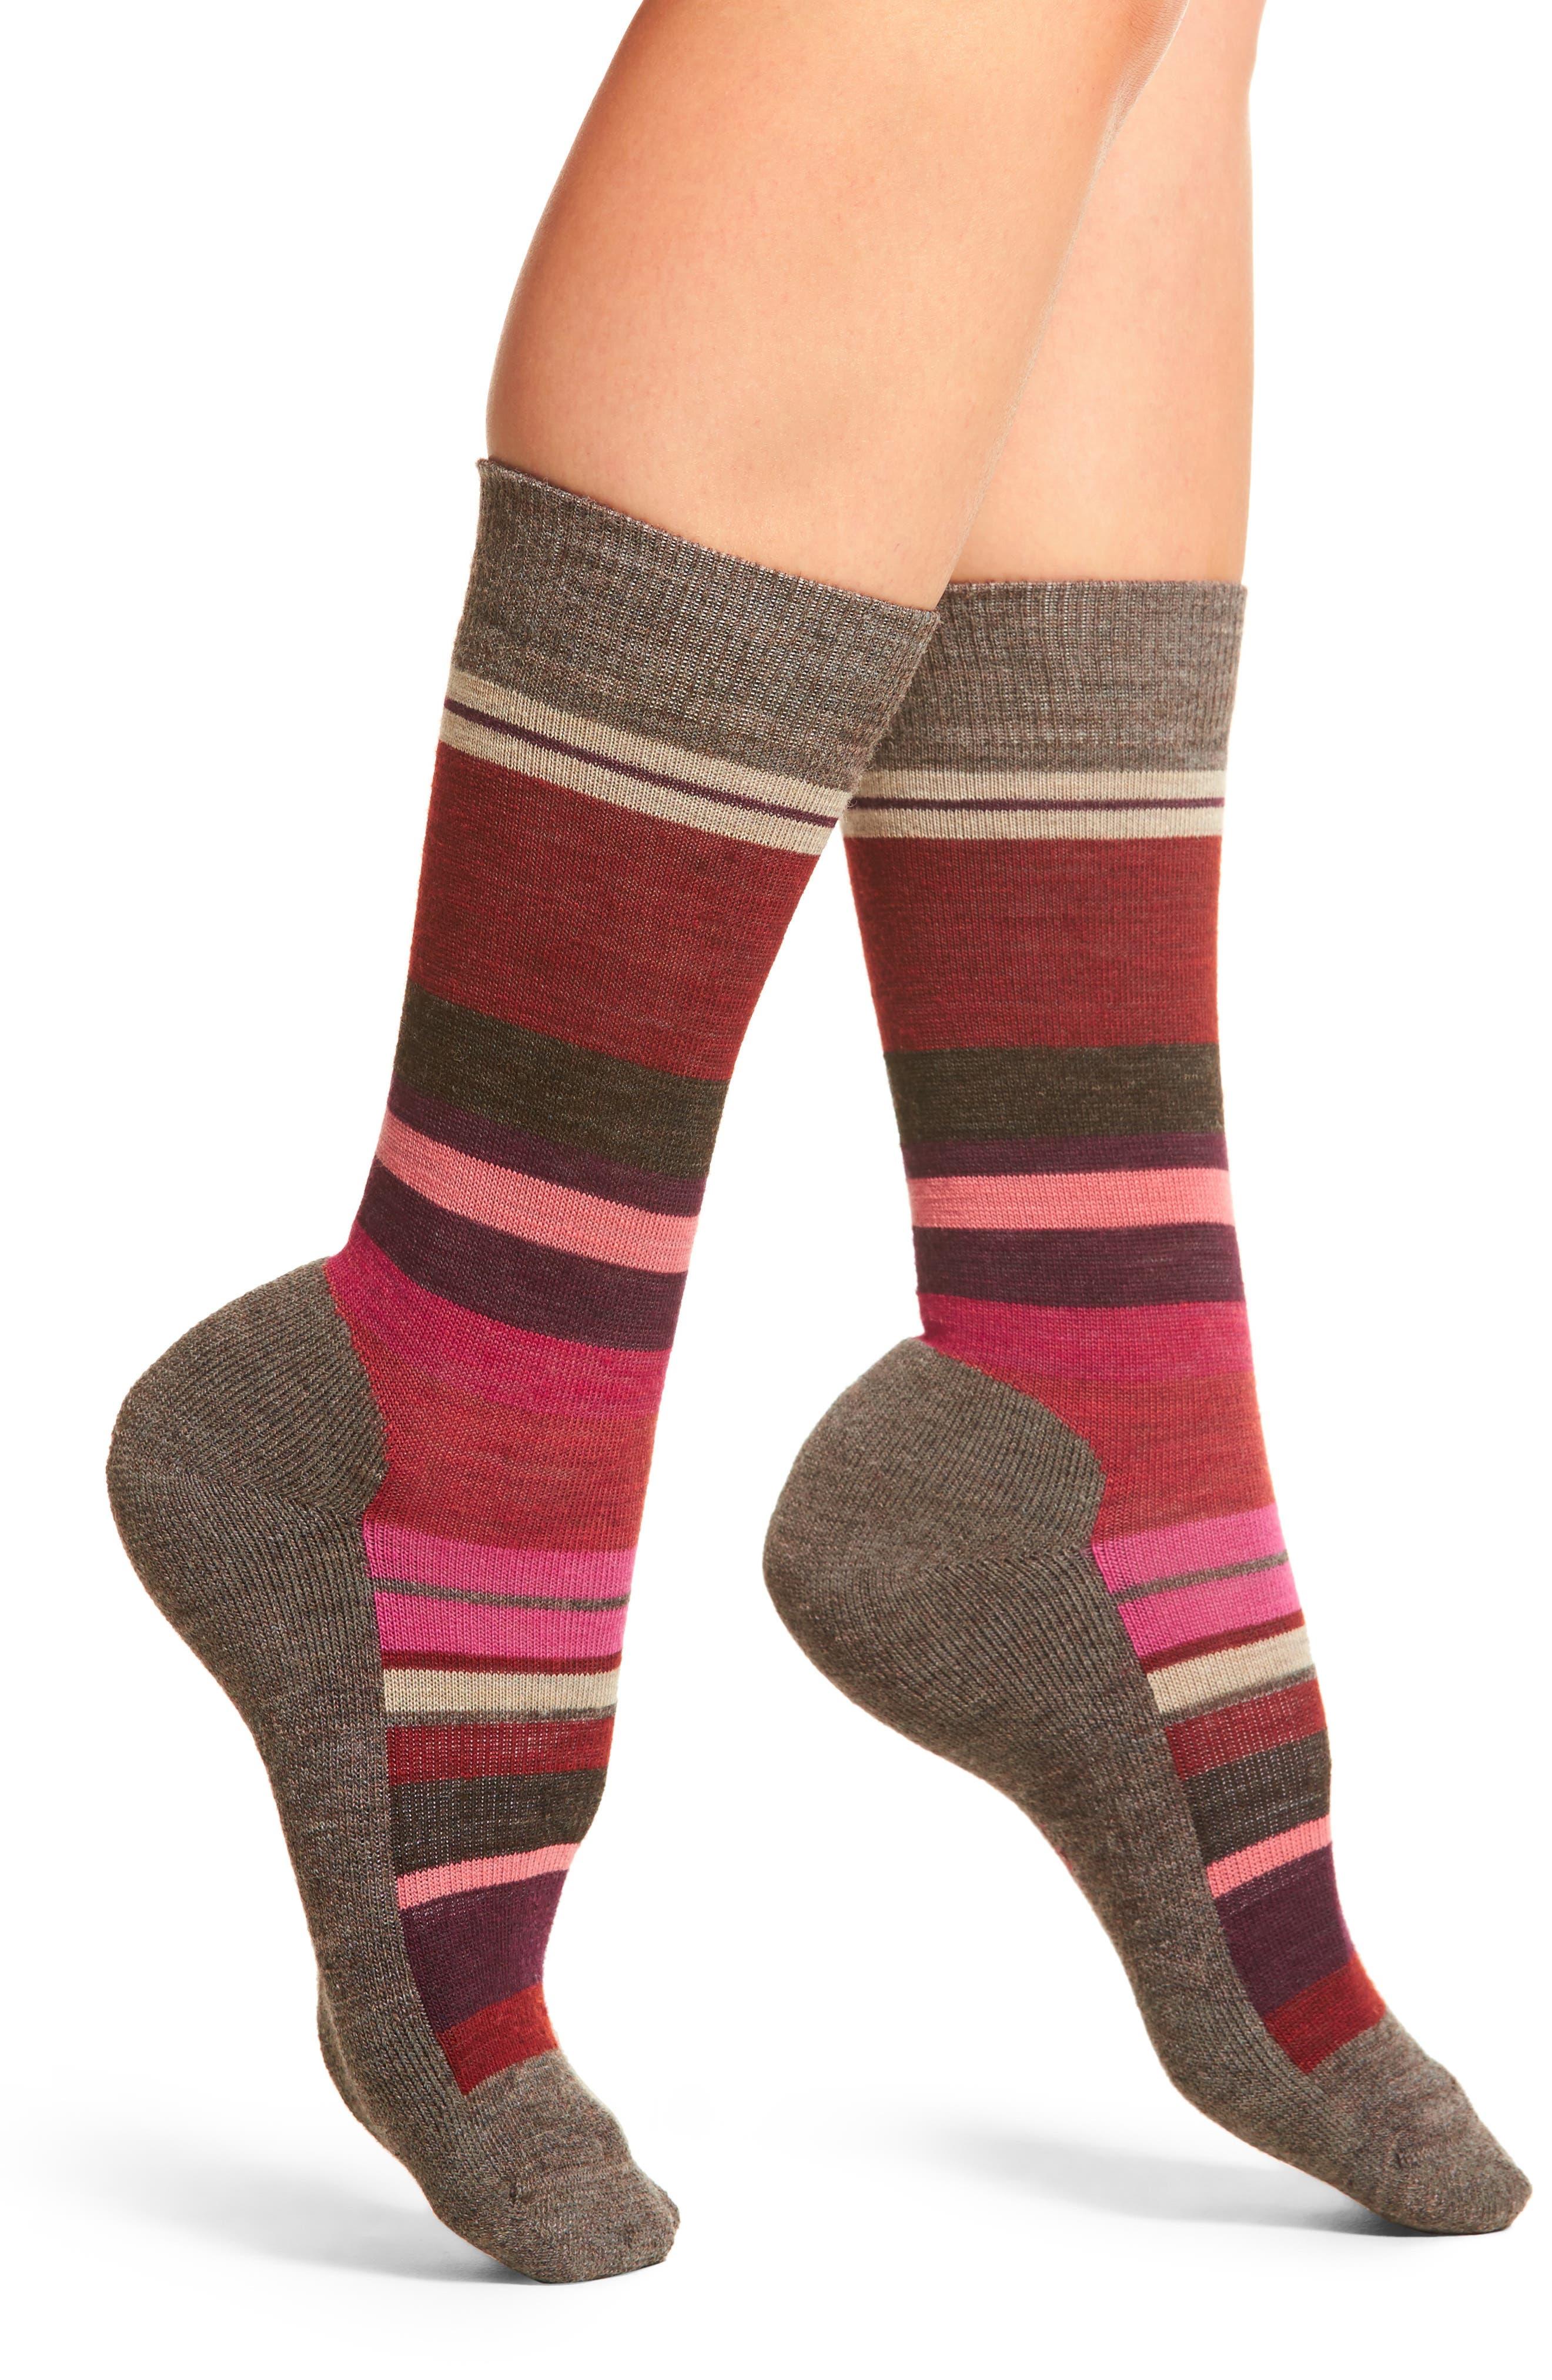 Saturnsphere Crew Socks,                         Main,                         color, 250